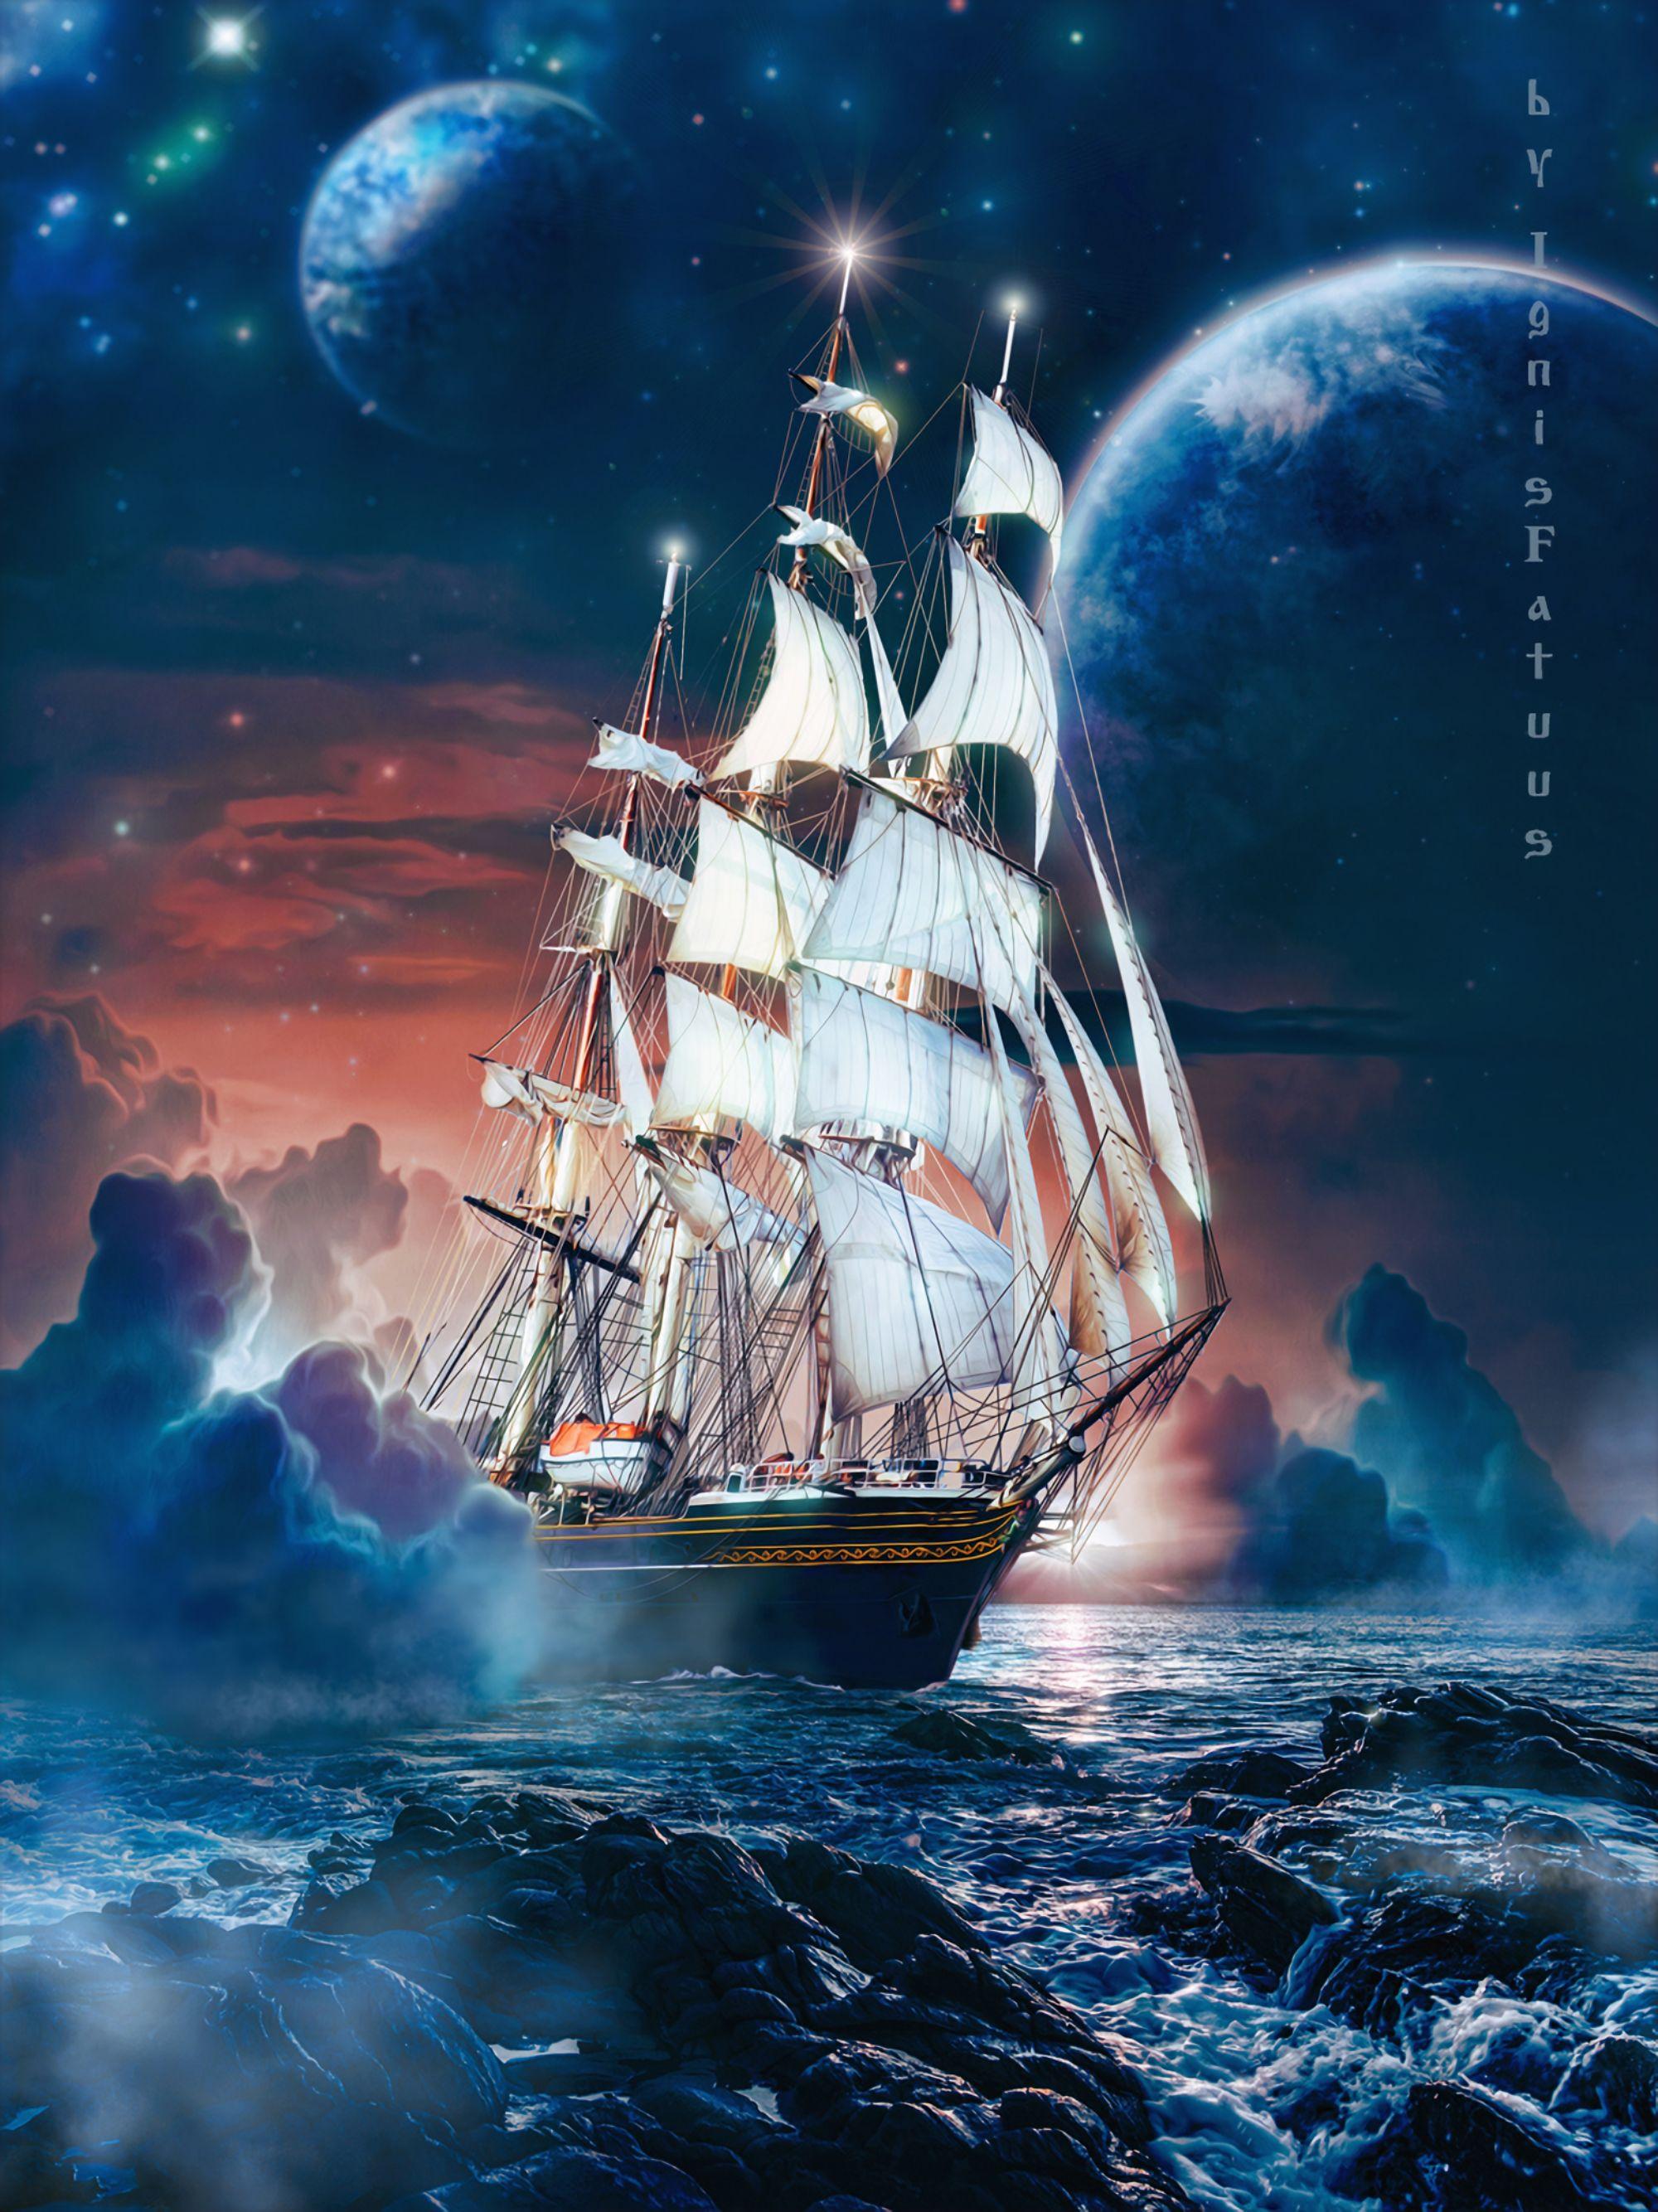 137732 скачать обои Море, Арт, Камни, Корабль, Луна, Волны - заставки и картинки бесплатно